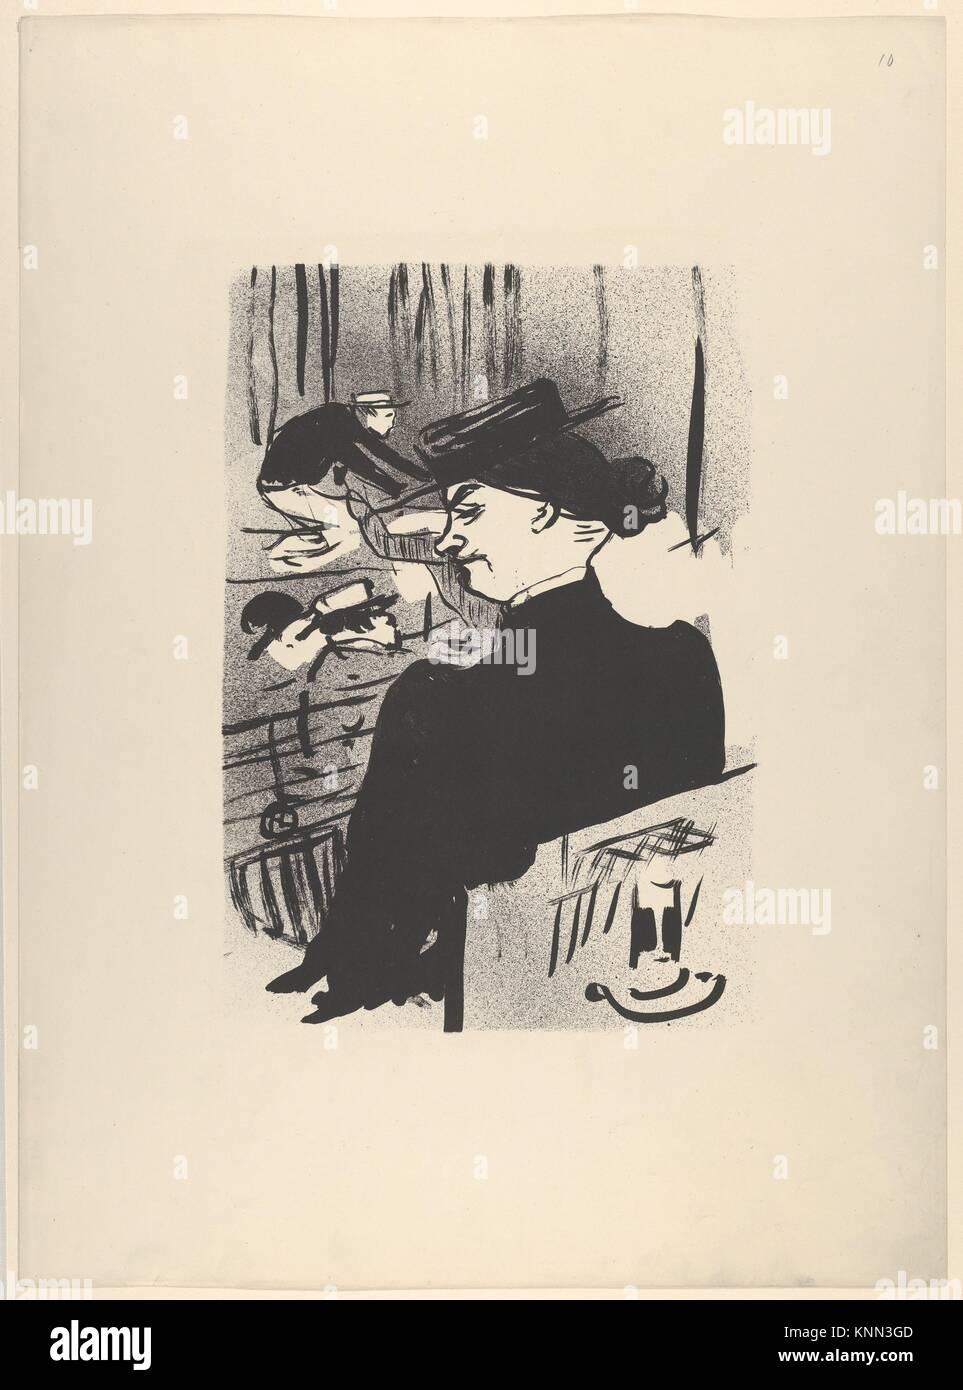 Ein Zuschauer (von Le Café Konzert). Serie/Portfolio: Le Café Konzert; Suite von elf Lithographien; Künstler: Stockbild